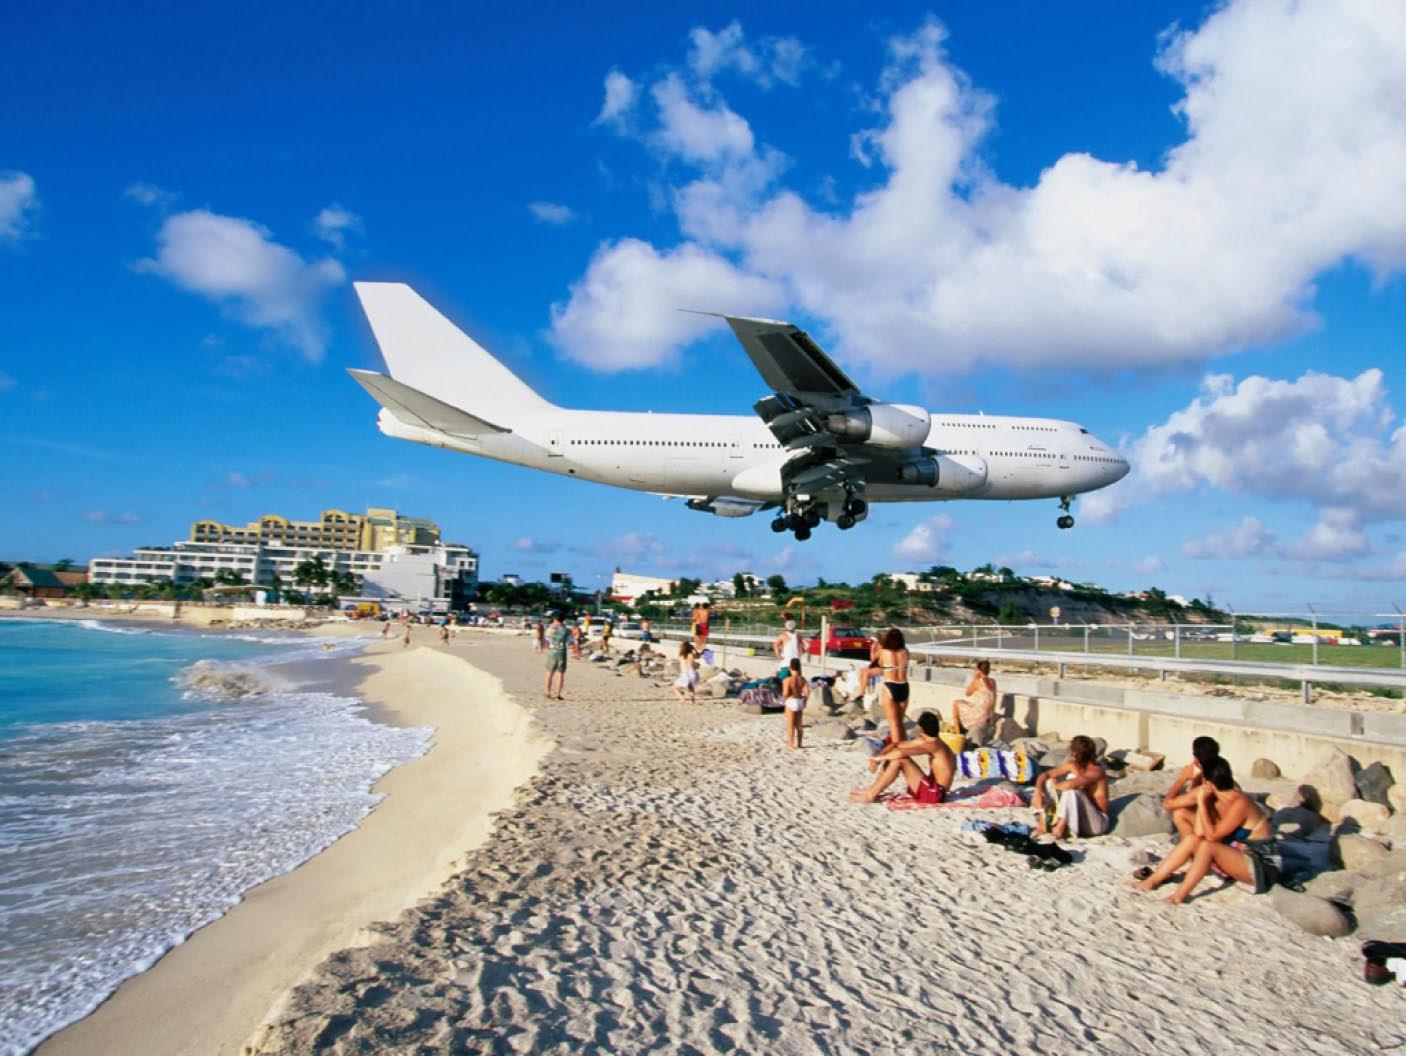 27 Самые необычные пляжи мира (фото)